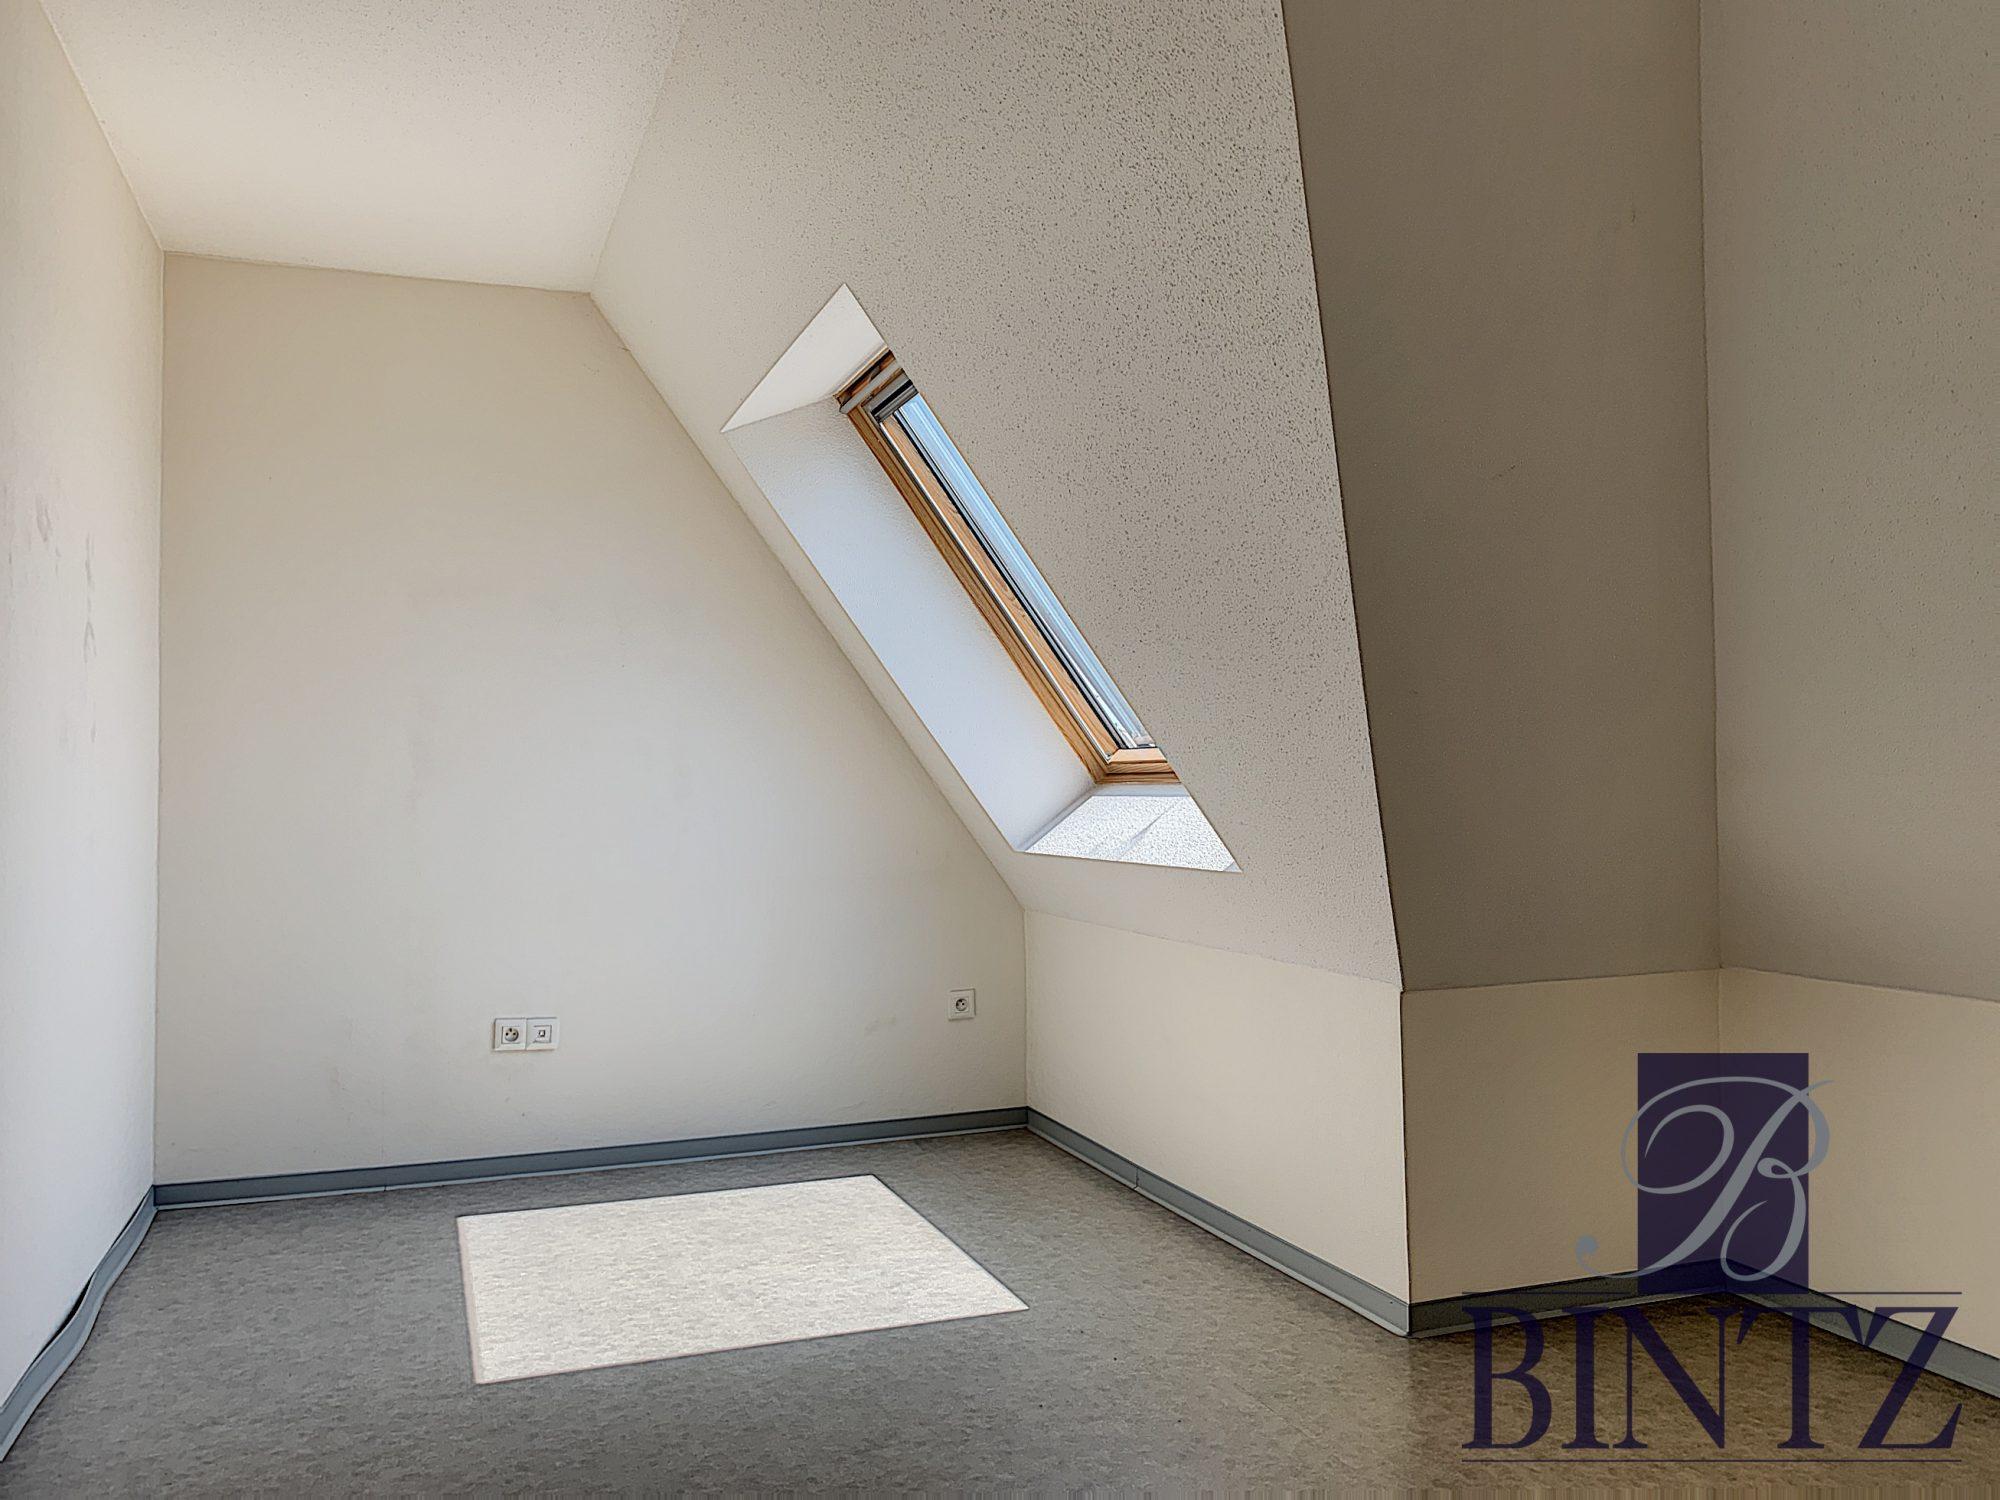 2 PIÈCES AVEC PARKING SCHILTIGHEIM - Devenez locataire en toute sérénité - Bintz Immobilier - 8